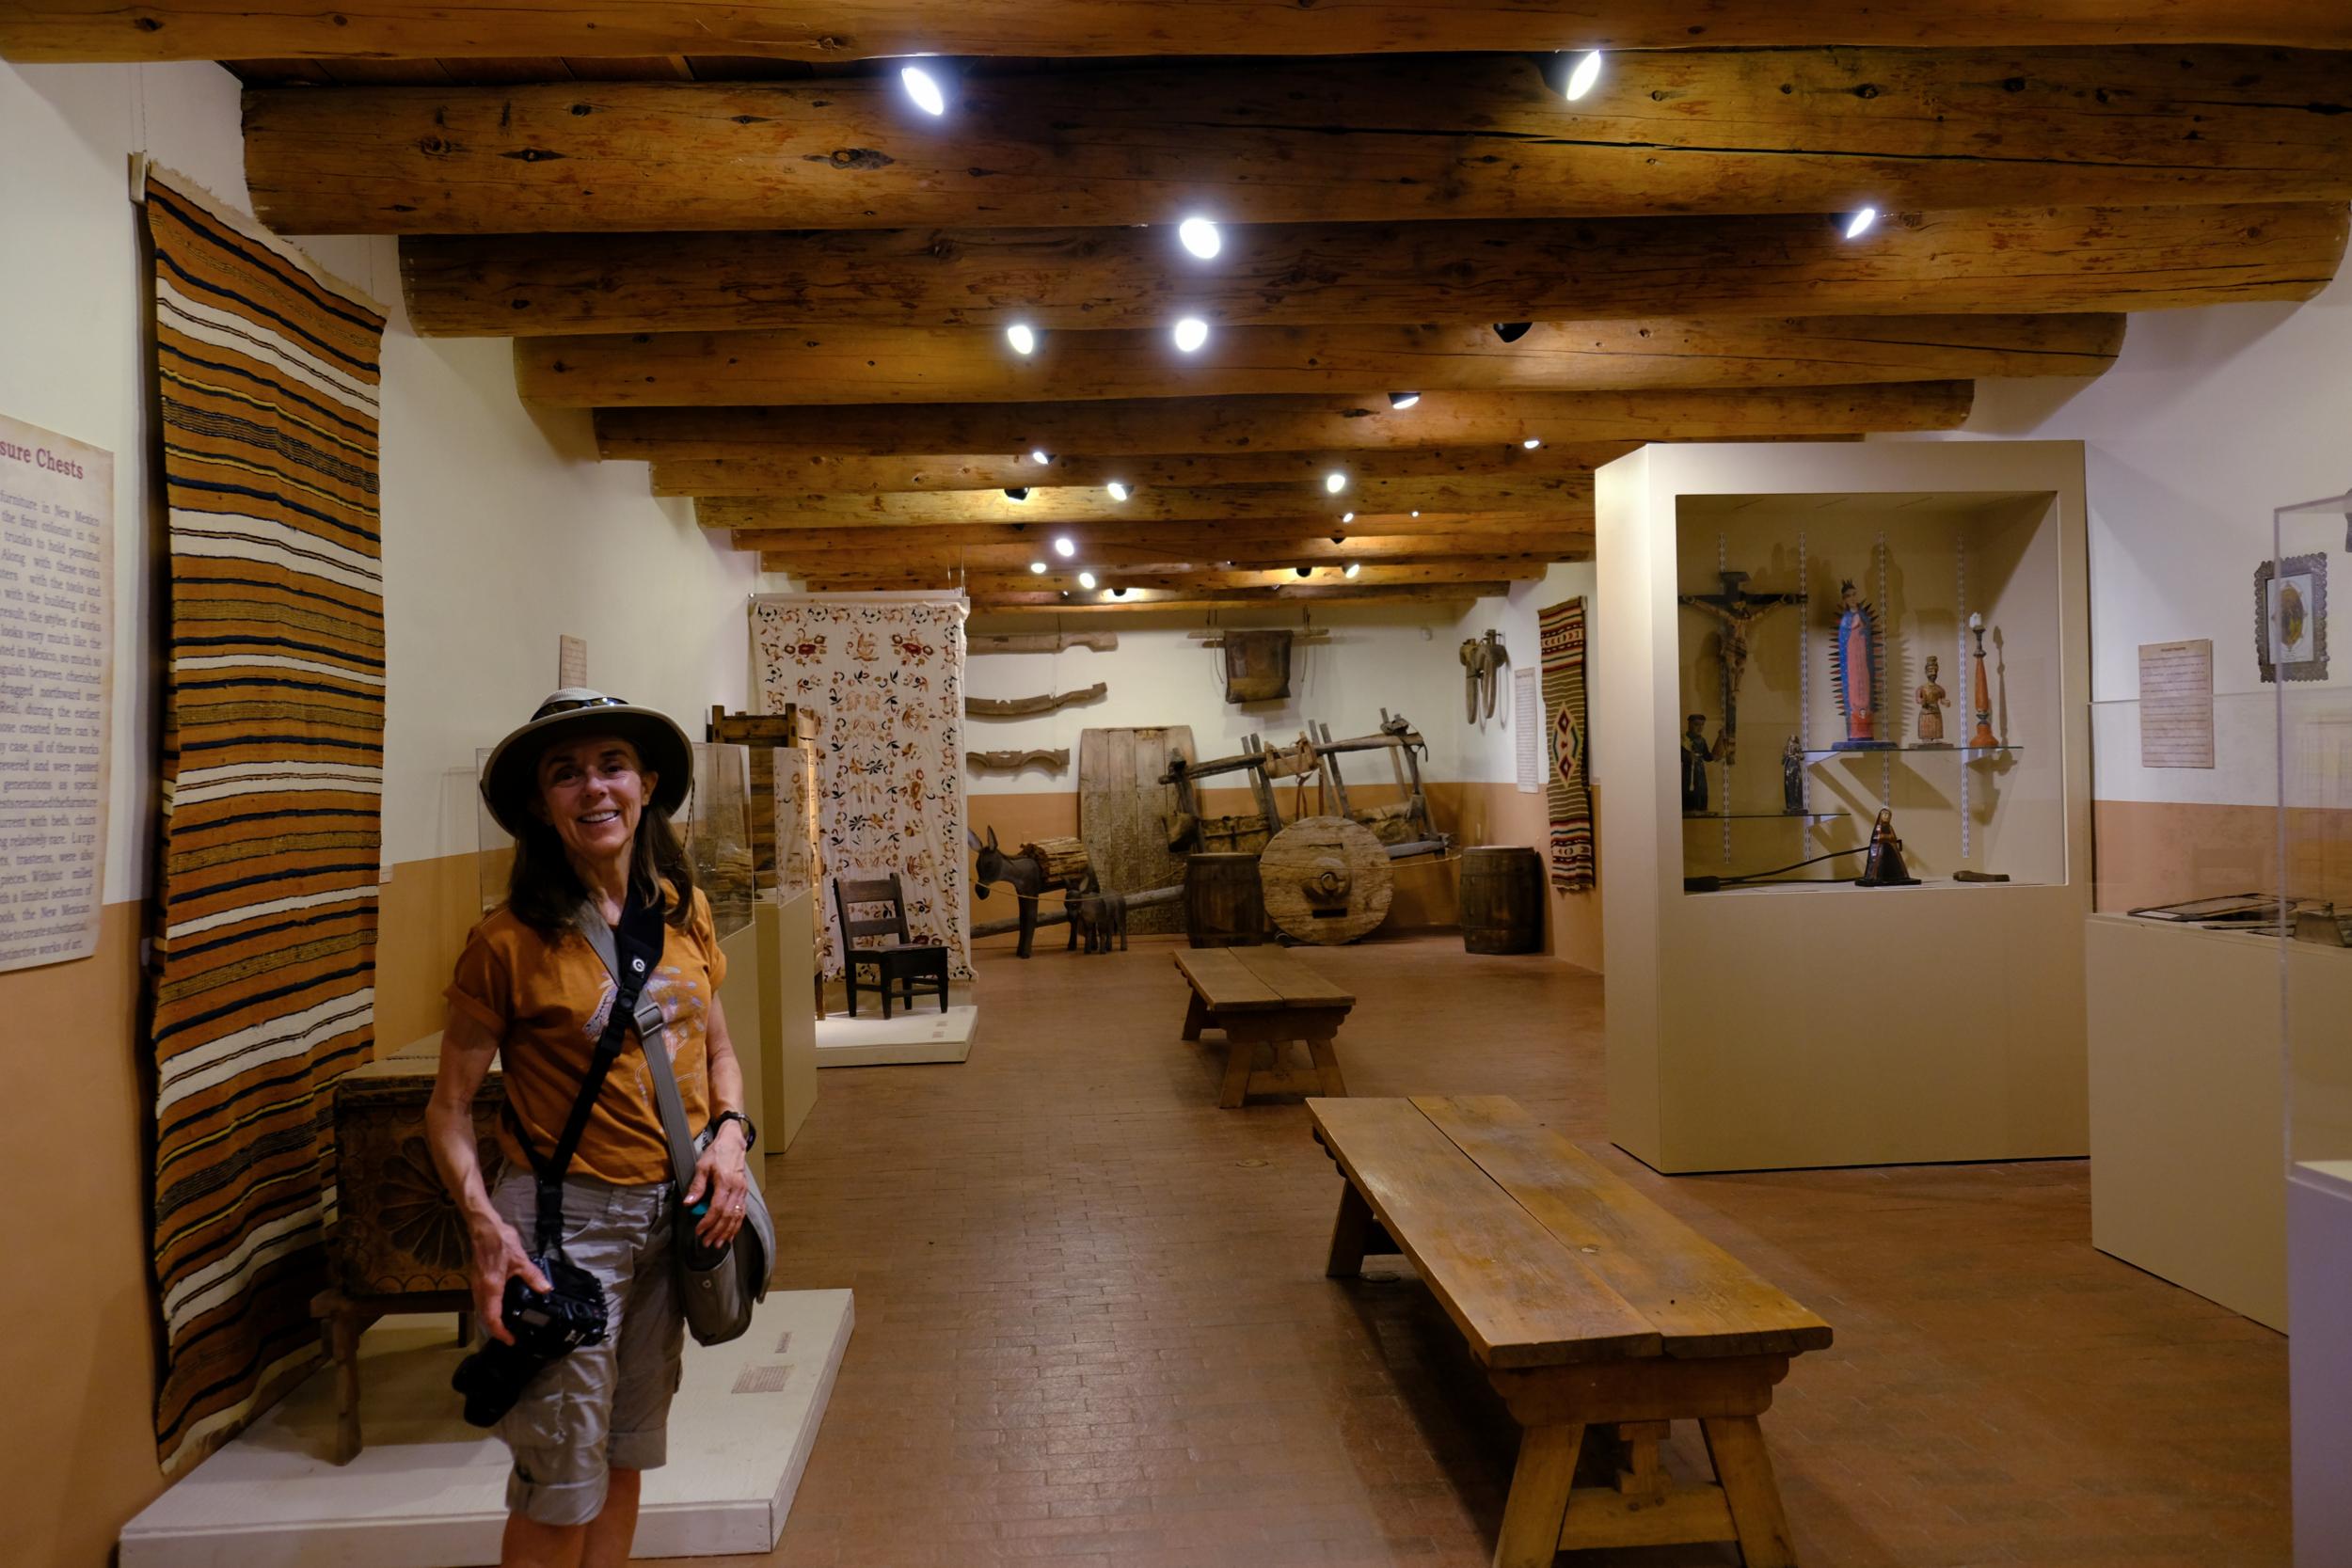 Las Golondrinas Exhibit Hall